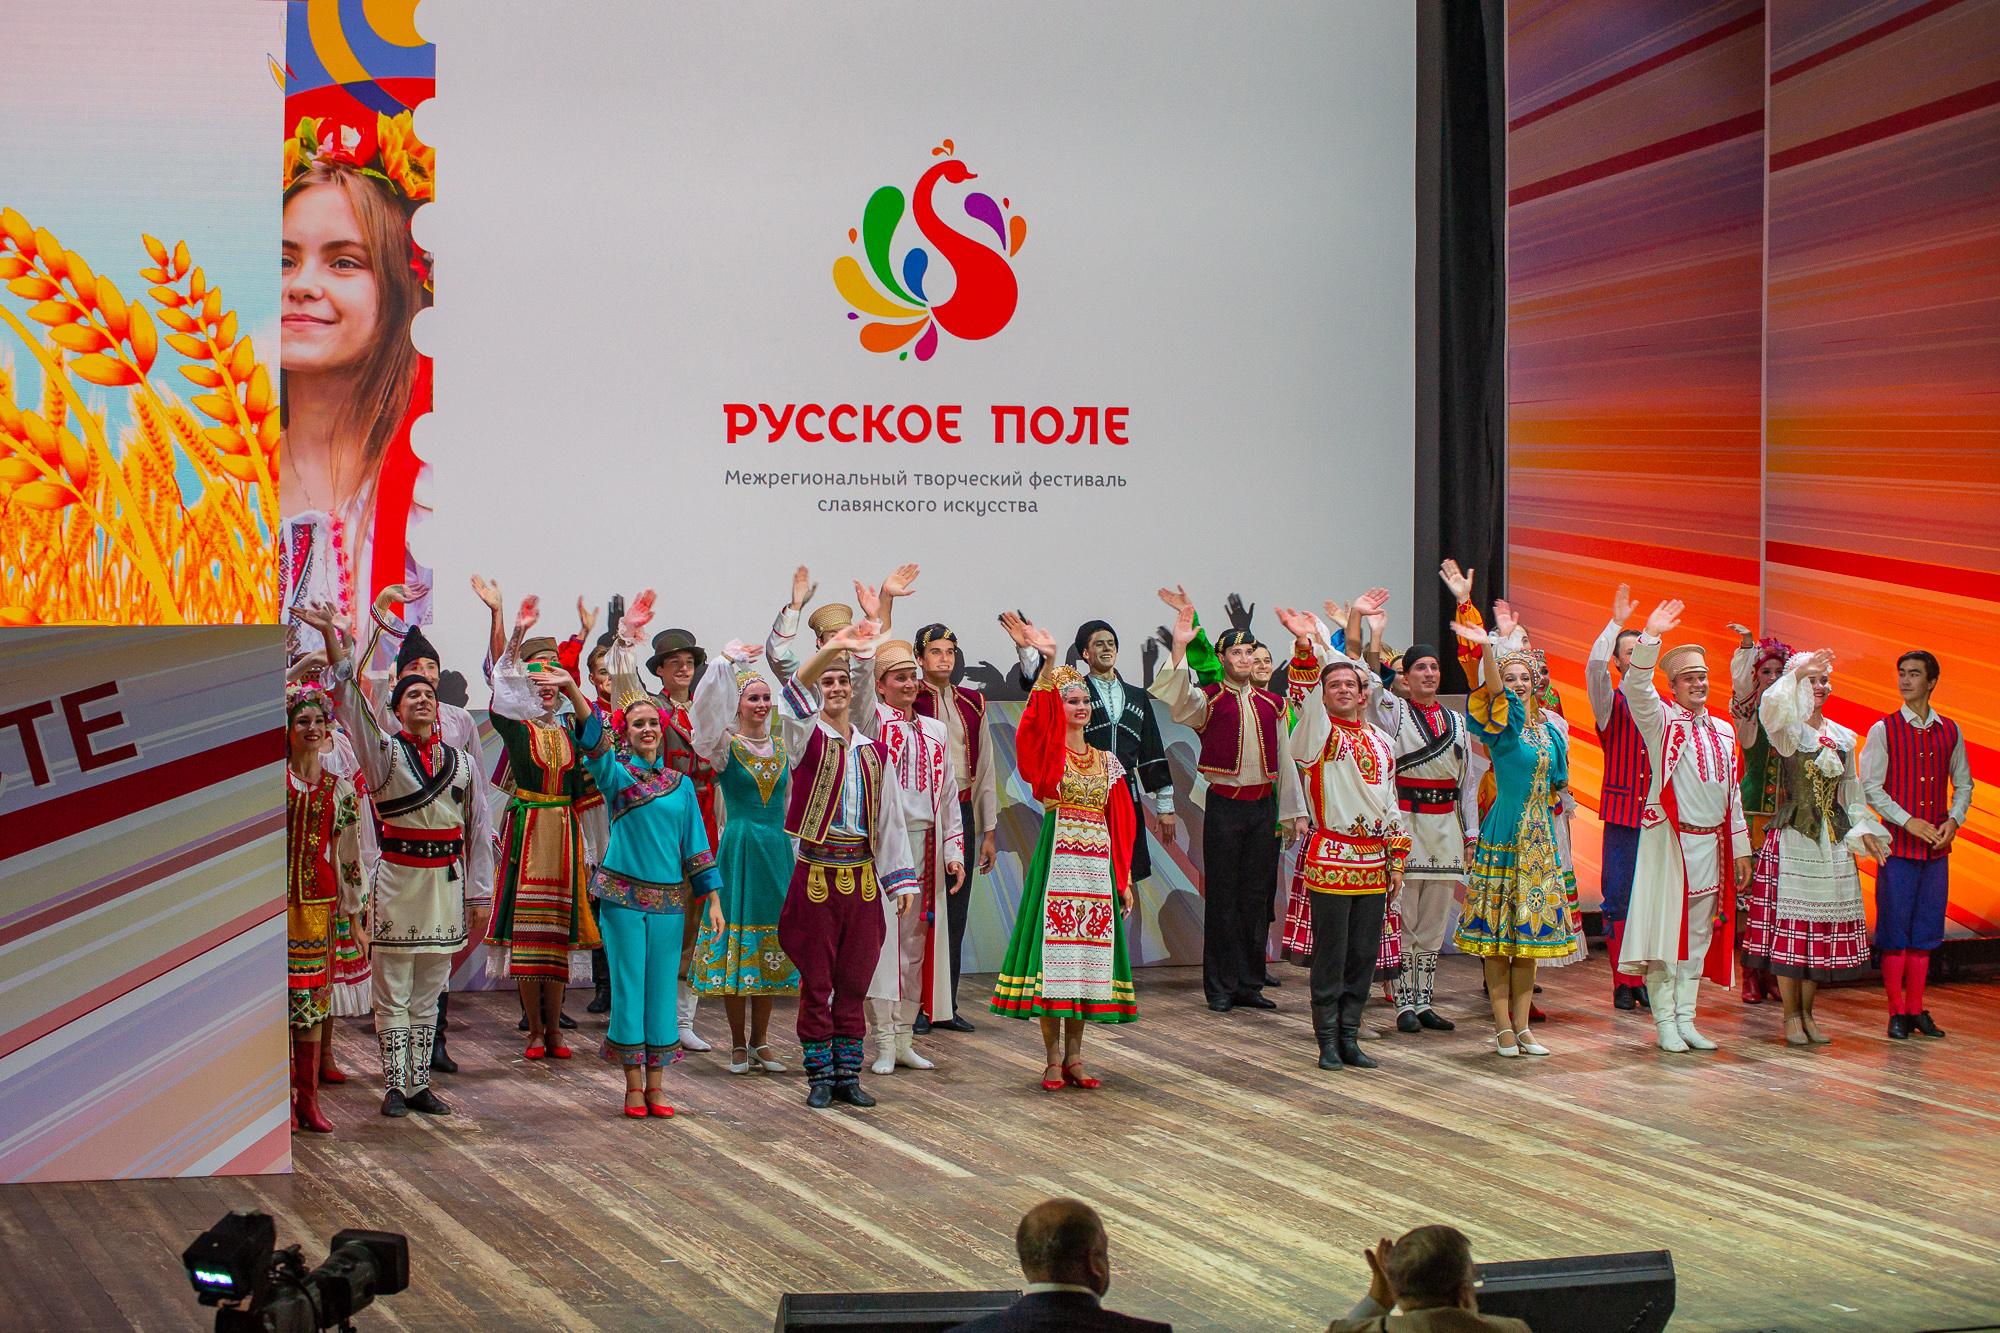 Пресс-релиз Правительства Москвы от 05-07-2021